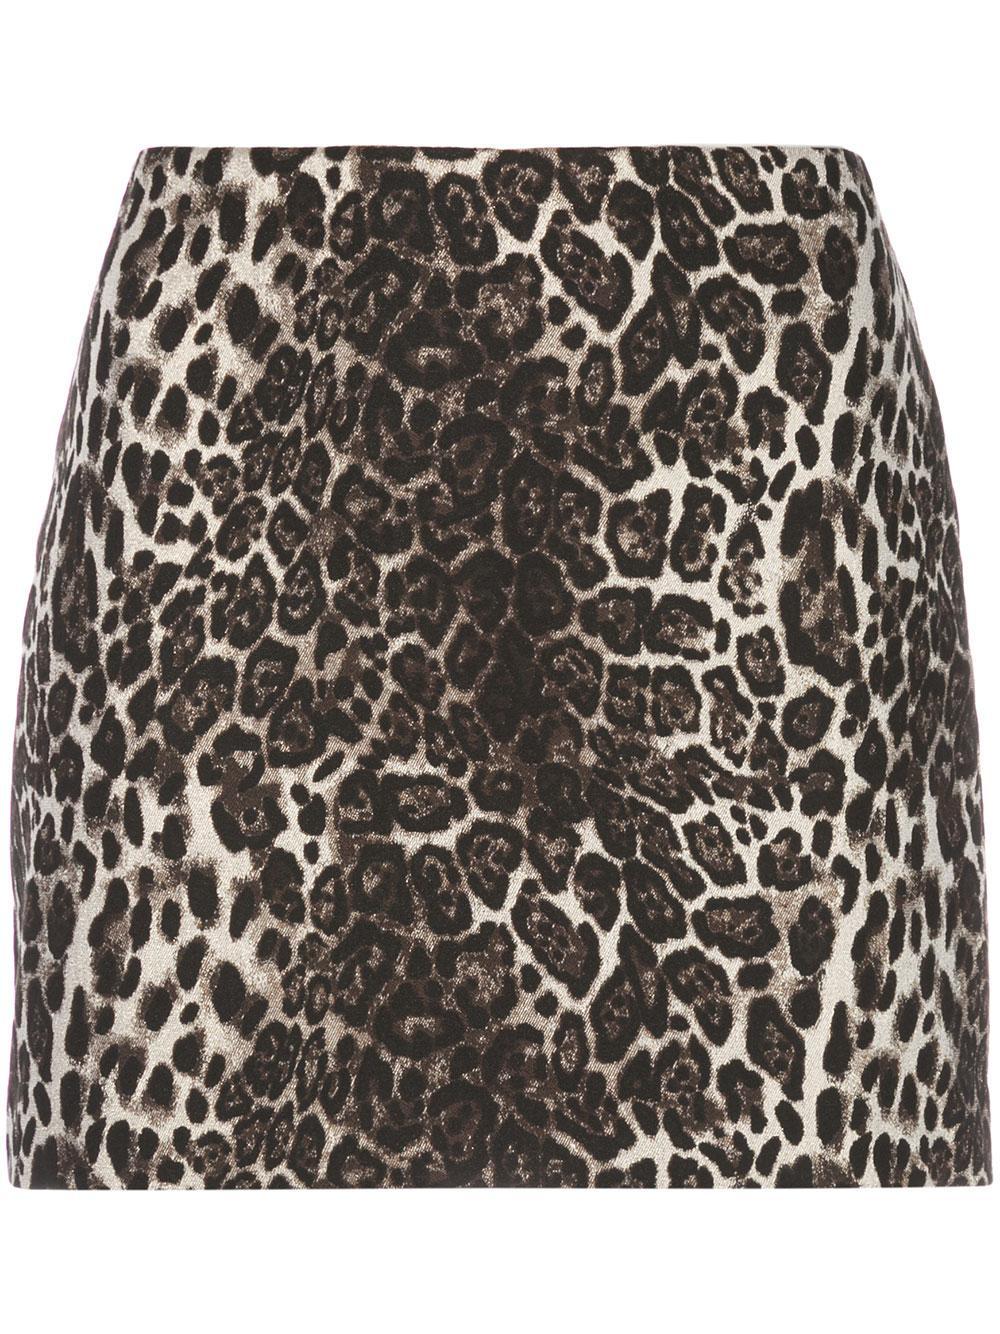 Elana Mini Skirt Item # CC909R16304